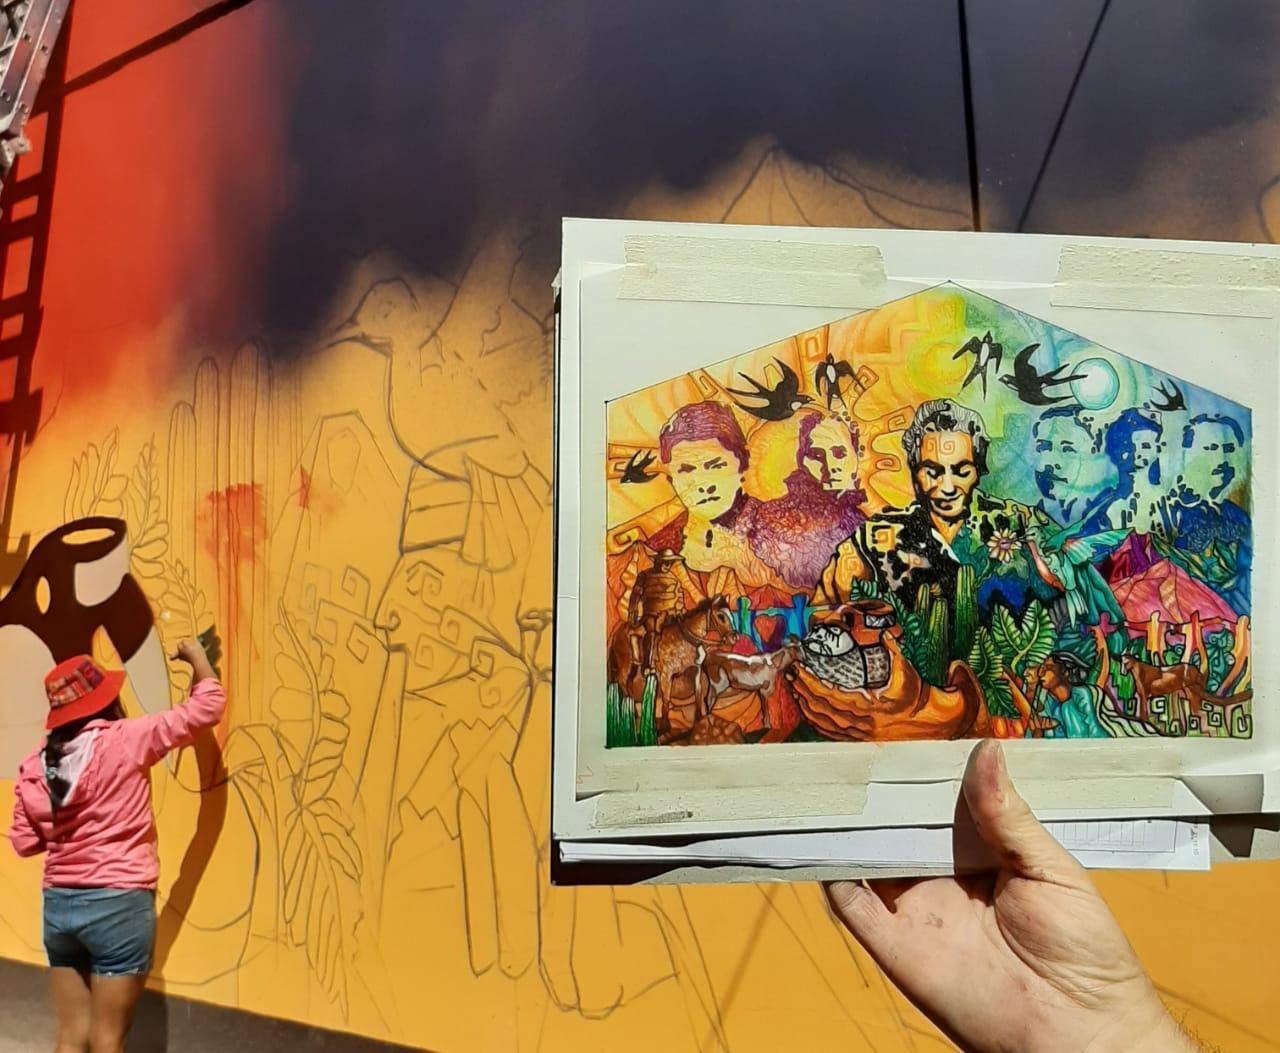 Artistas visuales locales interpretan obras y pensamientos de Gabriela Mistral en muros de la comuna de Vicuña